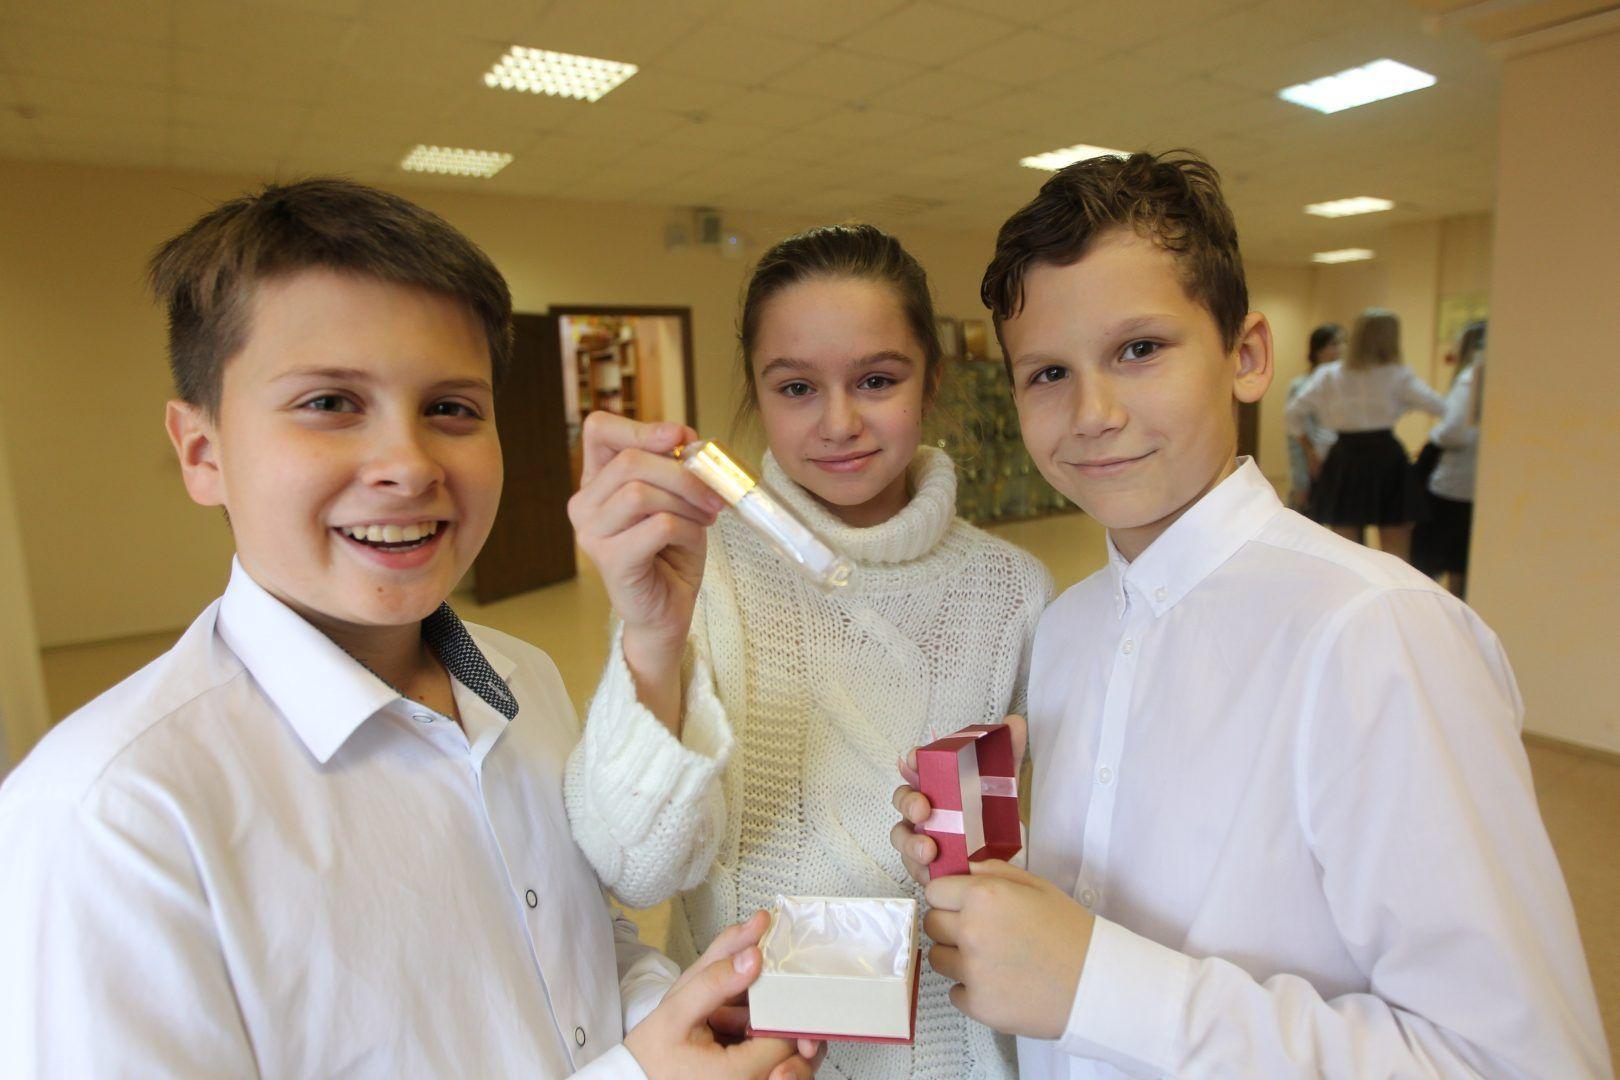 Ученики младших классов школы №1392 тоже хотели бы принять участие в церемонии закладки капсулы. Фото: Владимир Смоляков